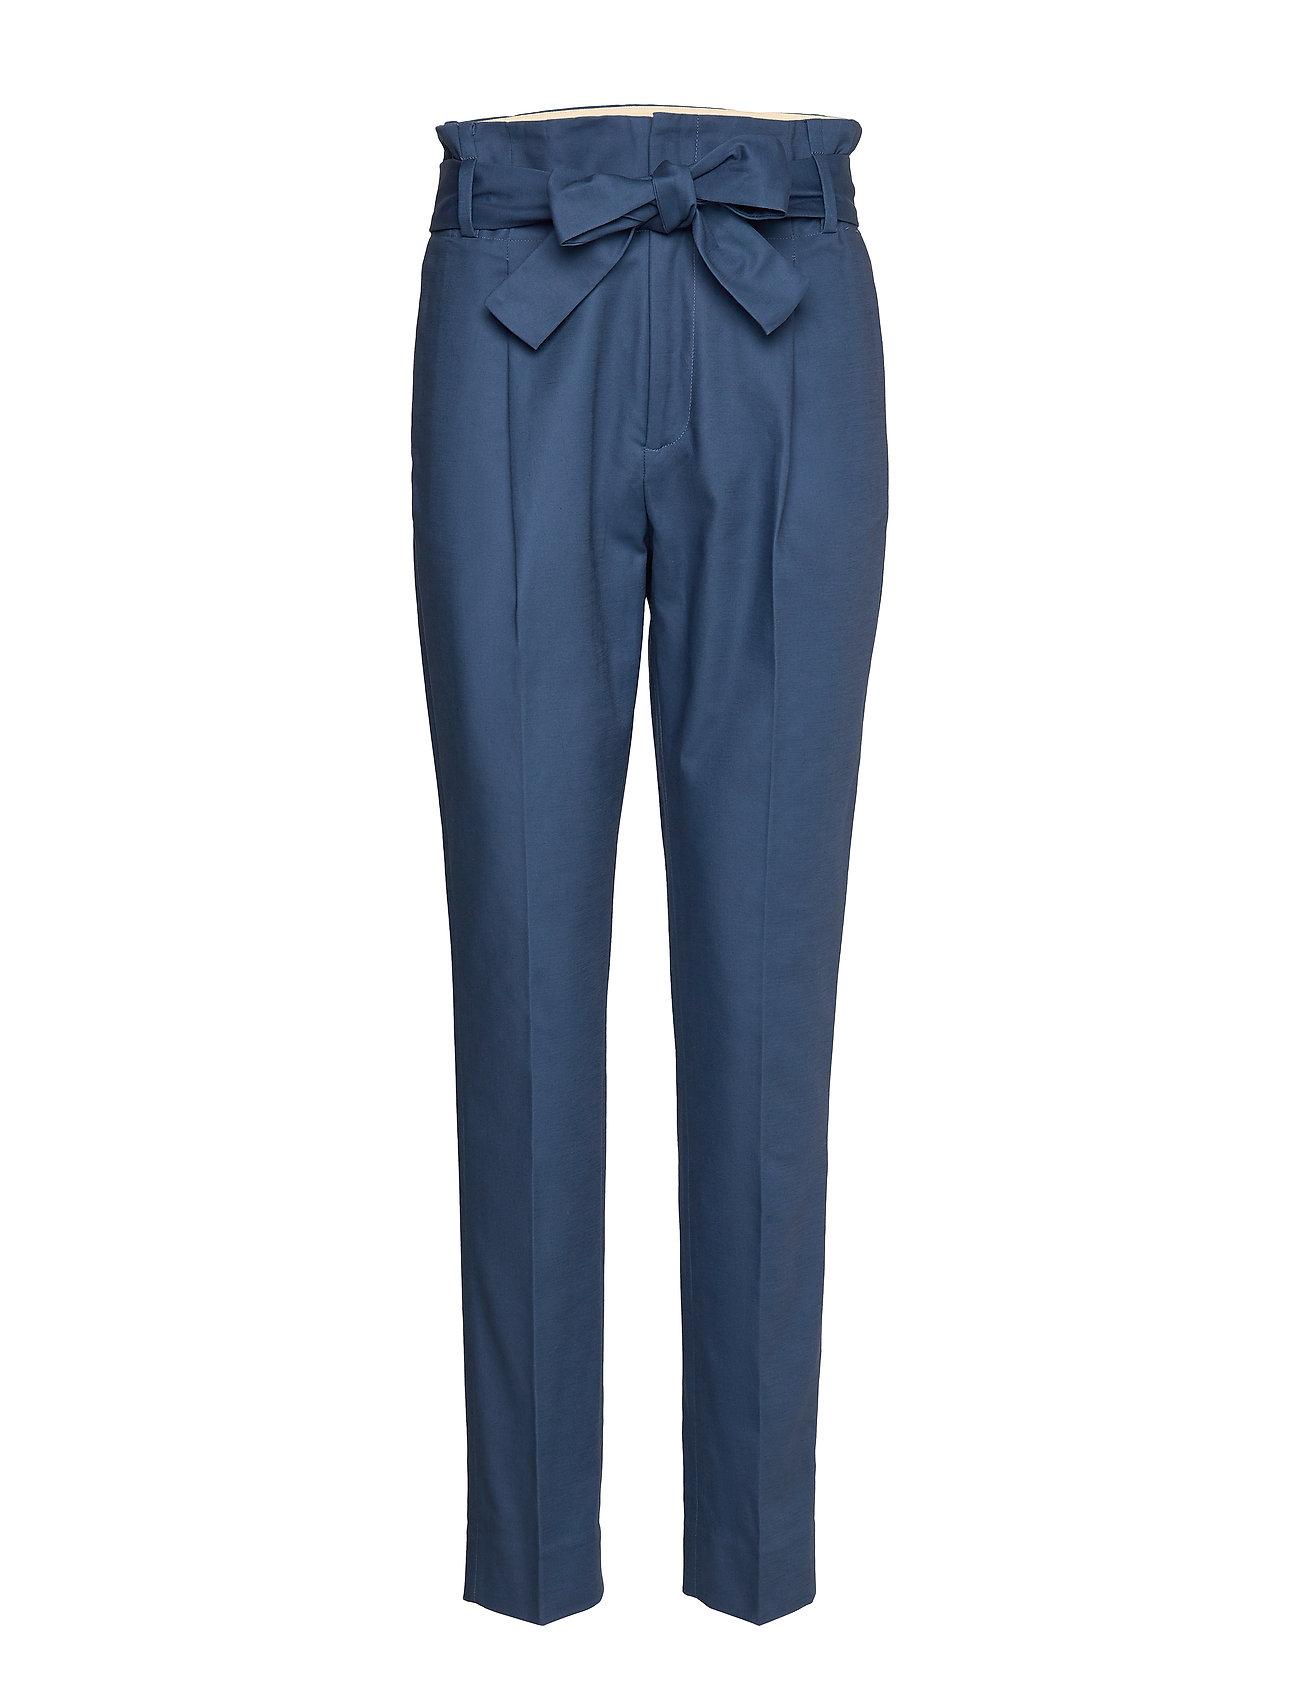 Noa Noa Trousers - ENSIGN BLUE